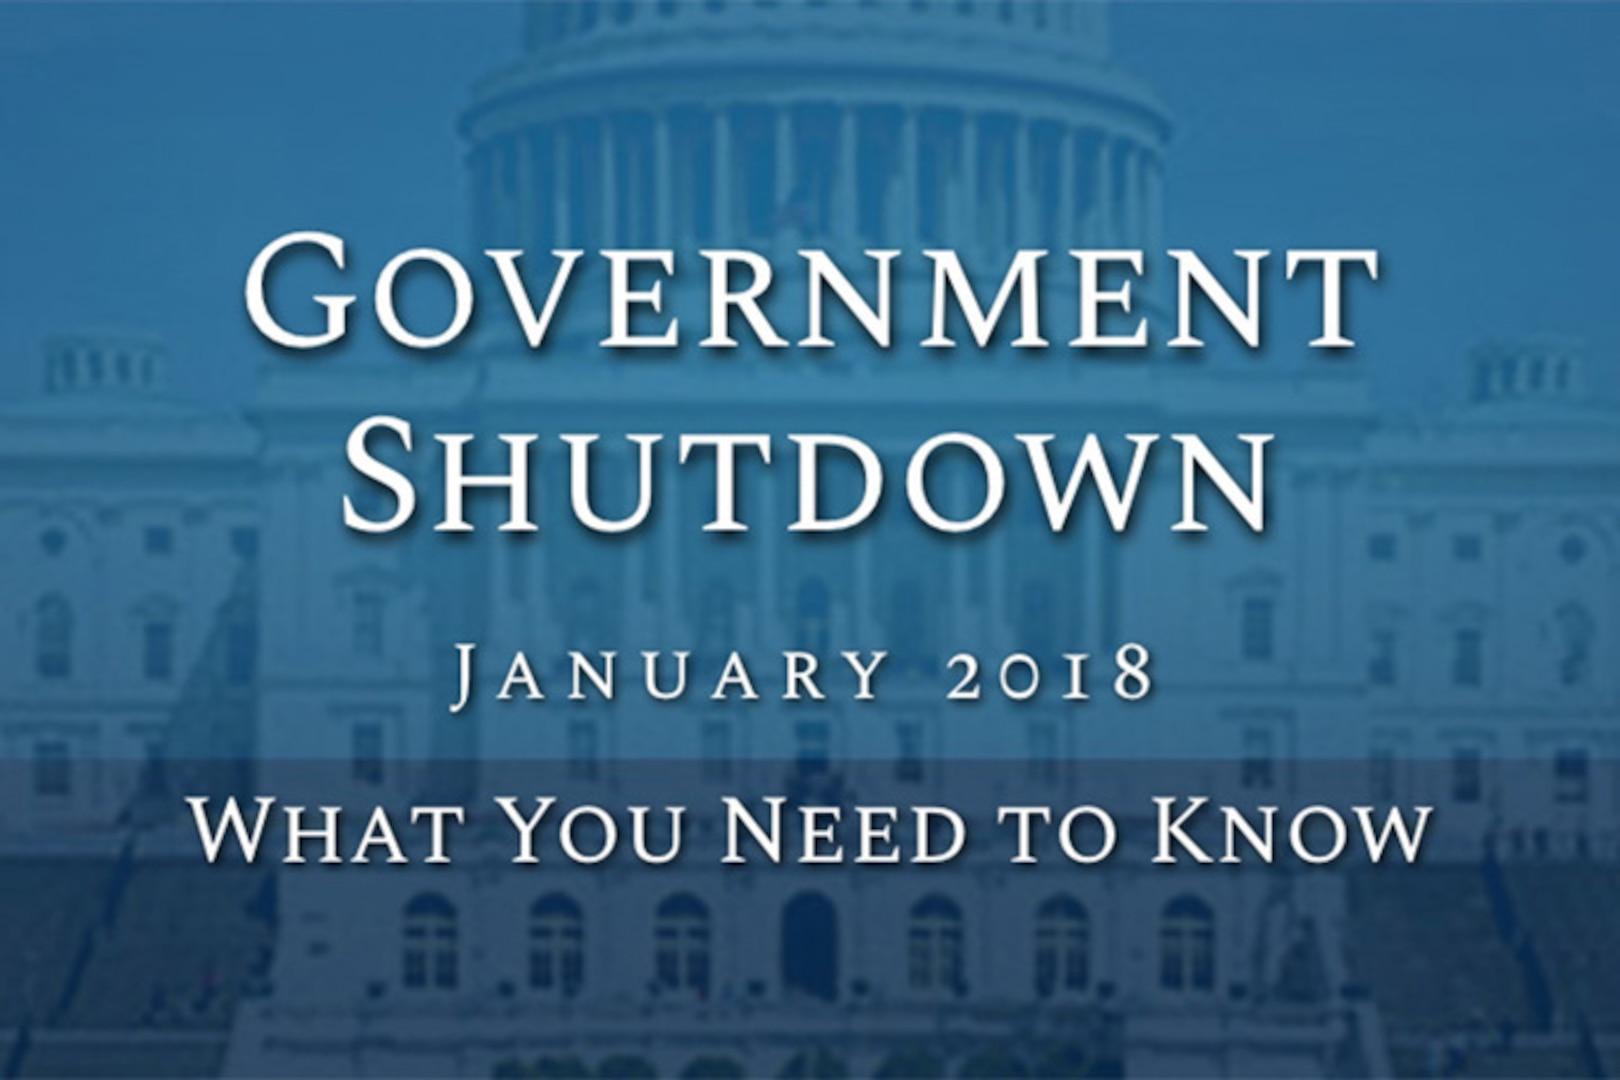 Government Shutdown graphic